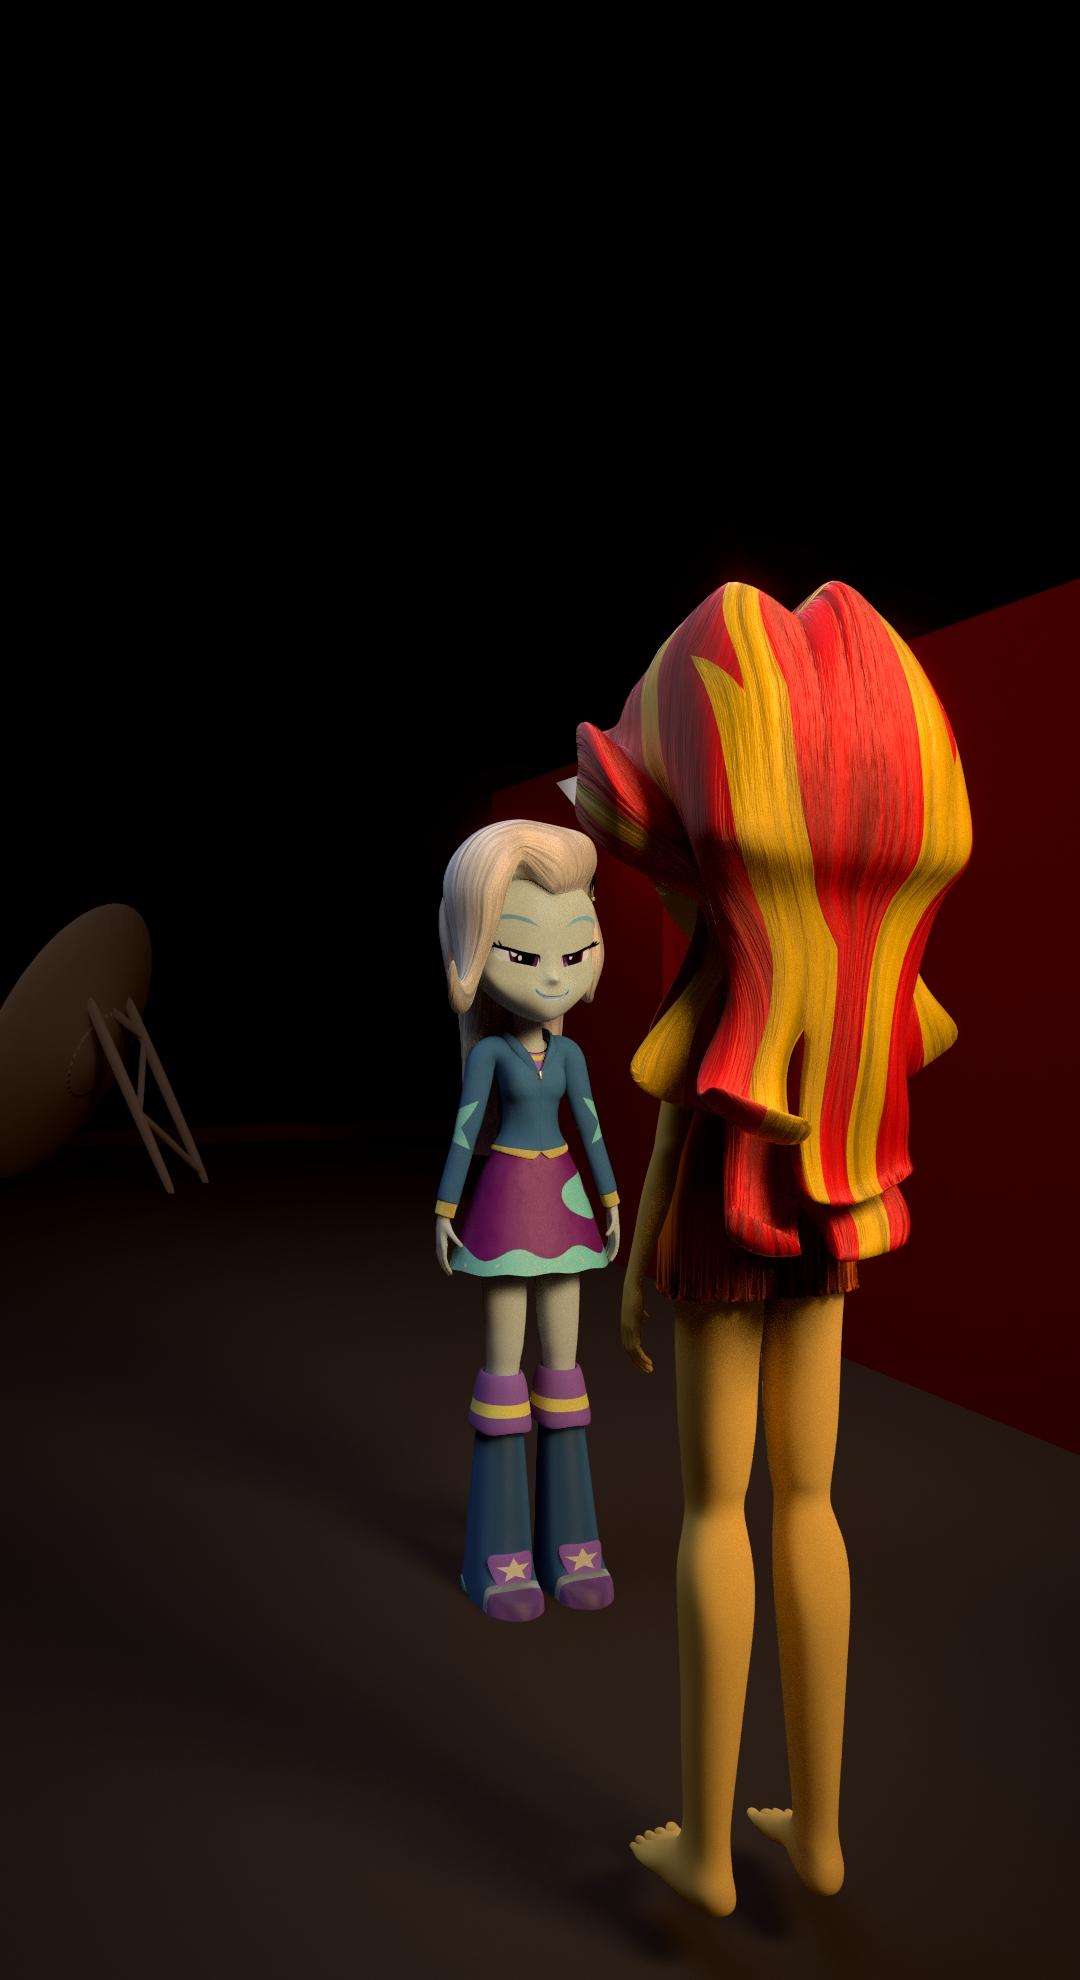 incest 3D bad onion 2